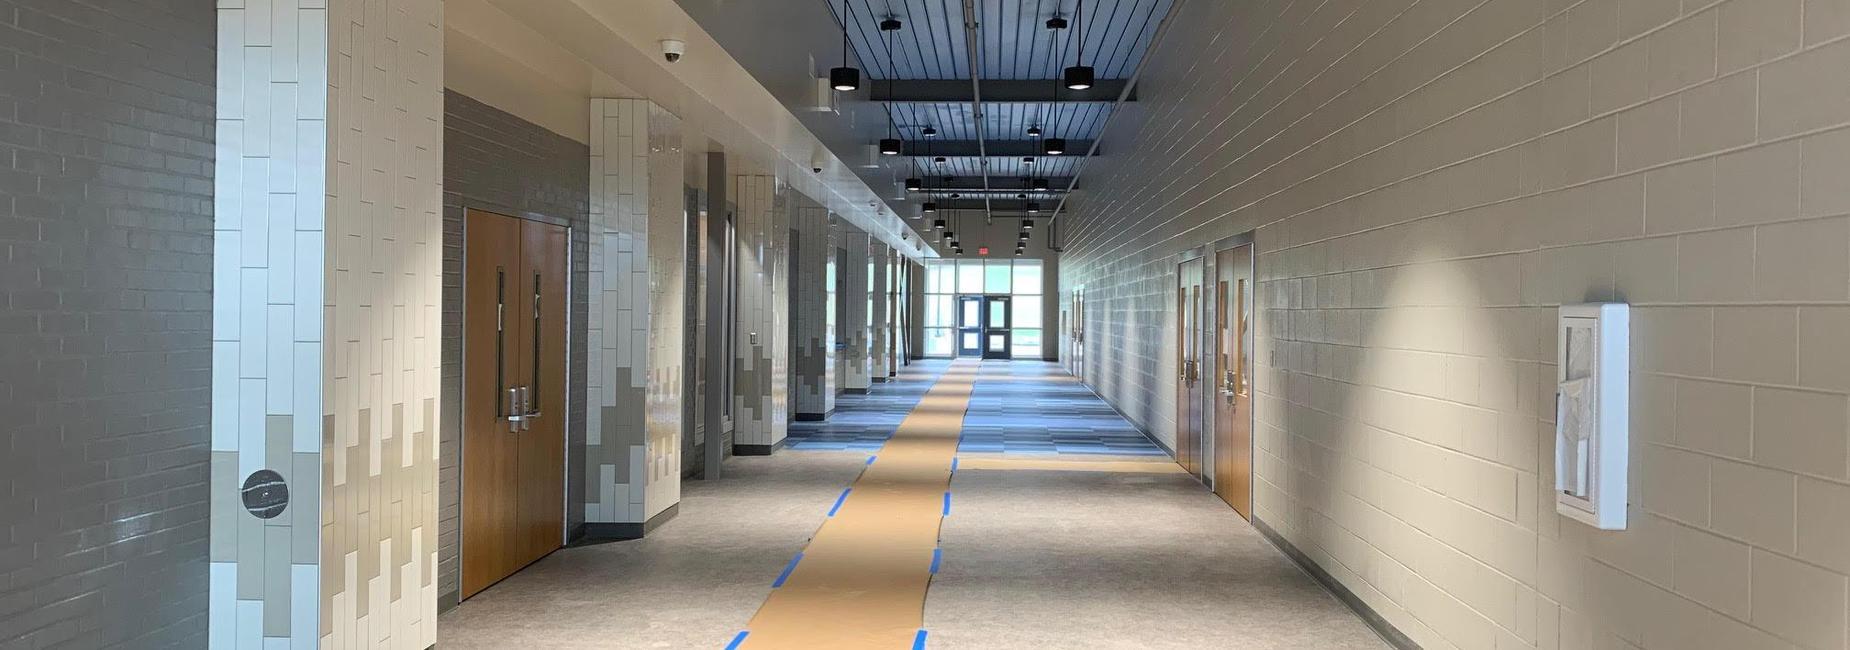 MCHS Gym Lobby